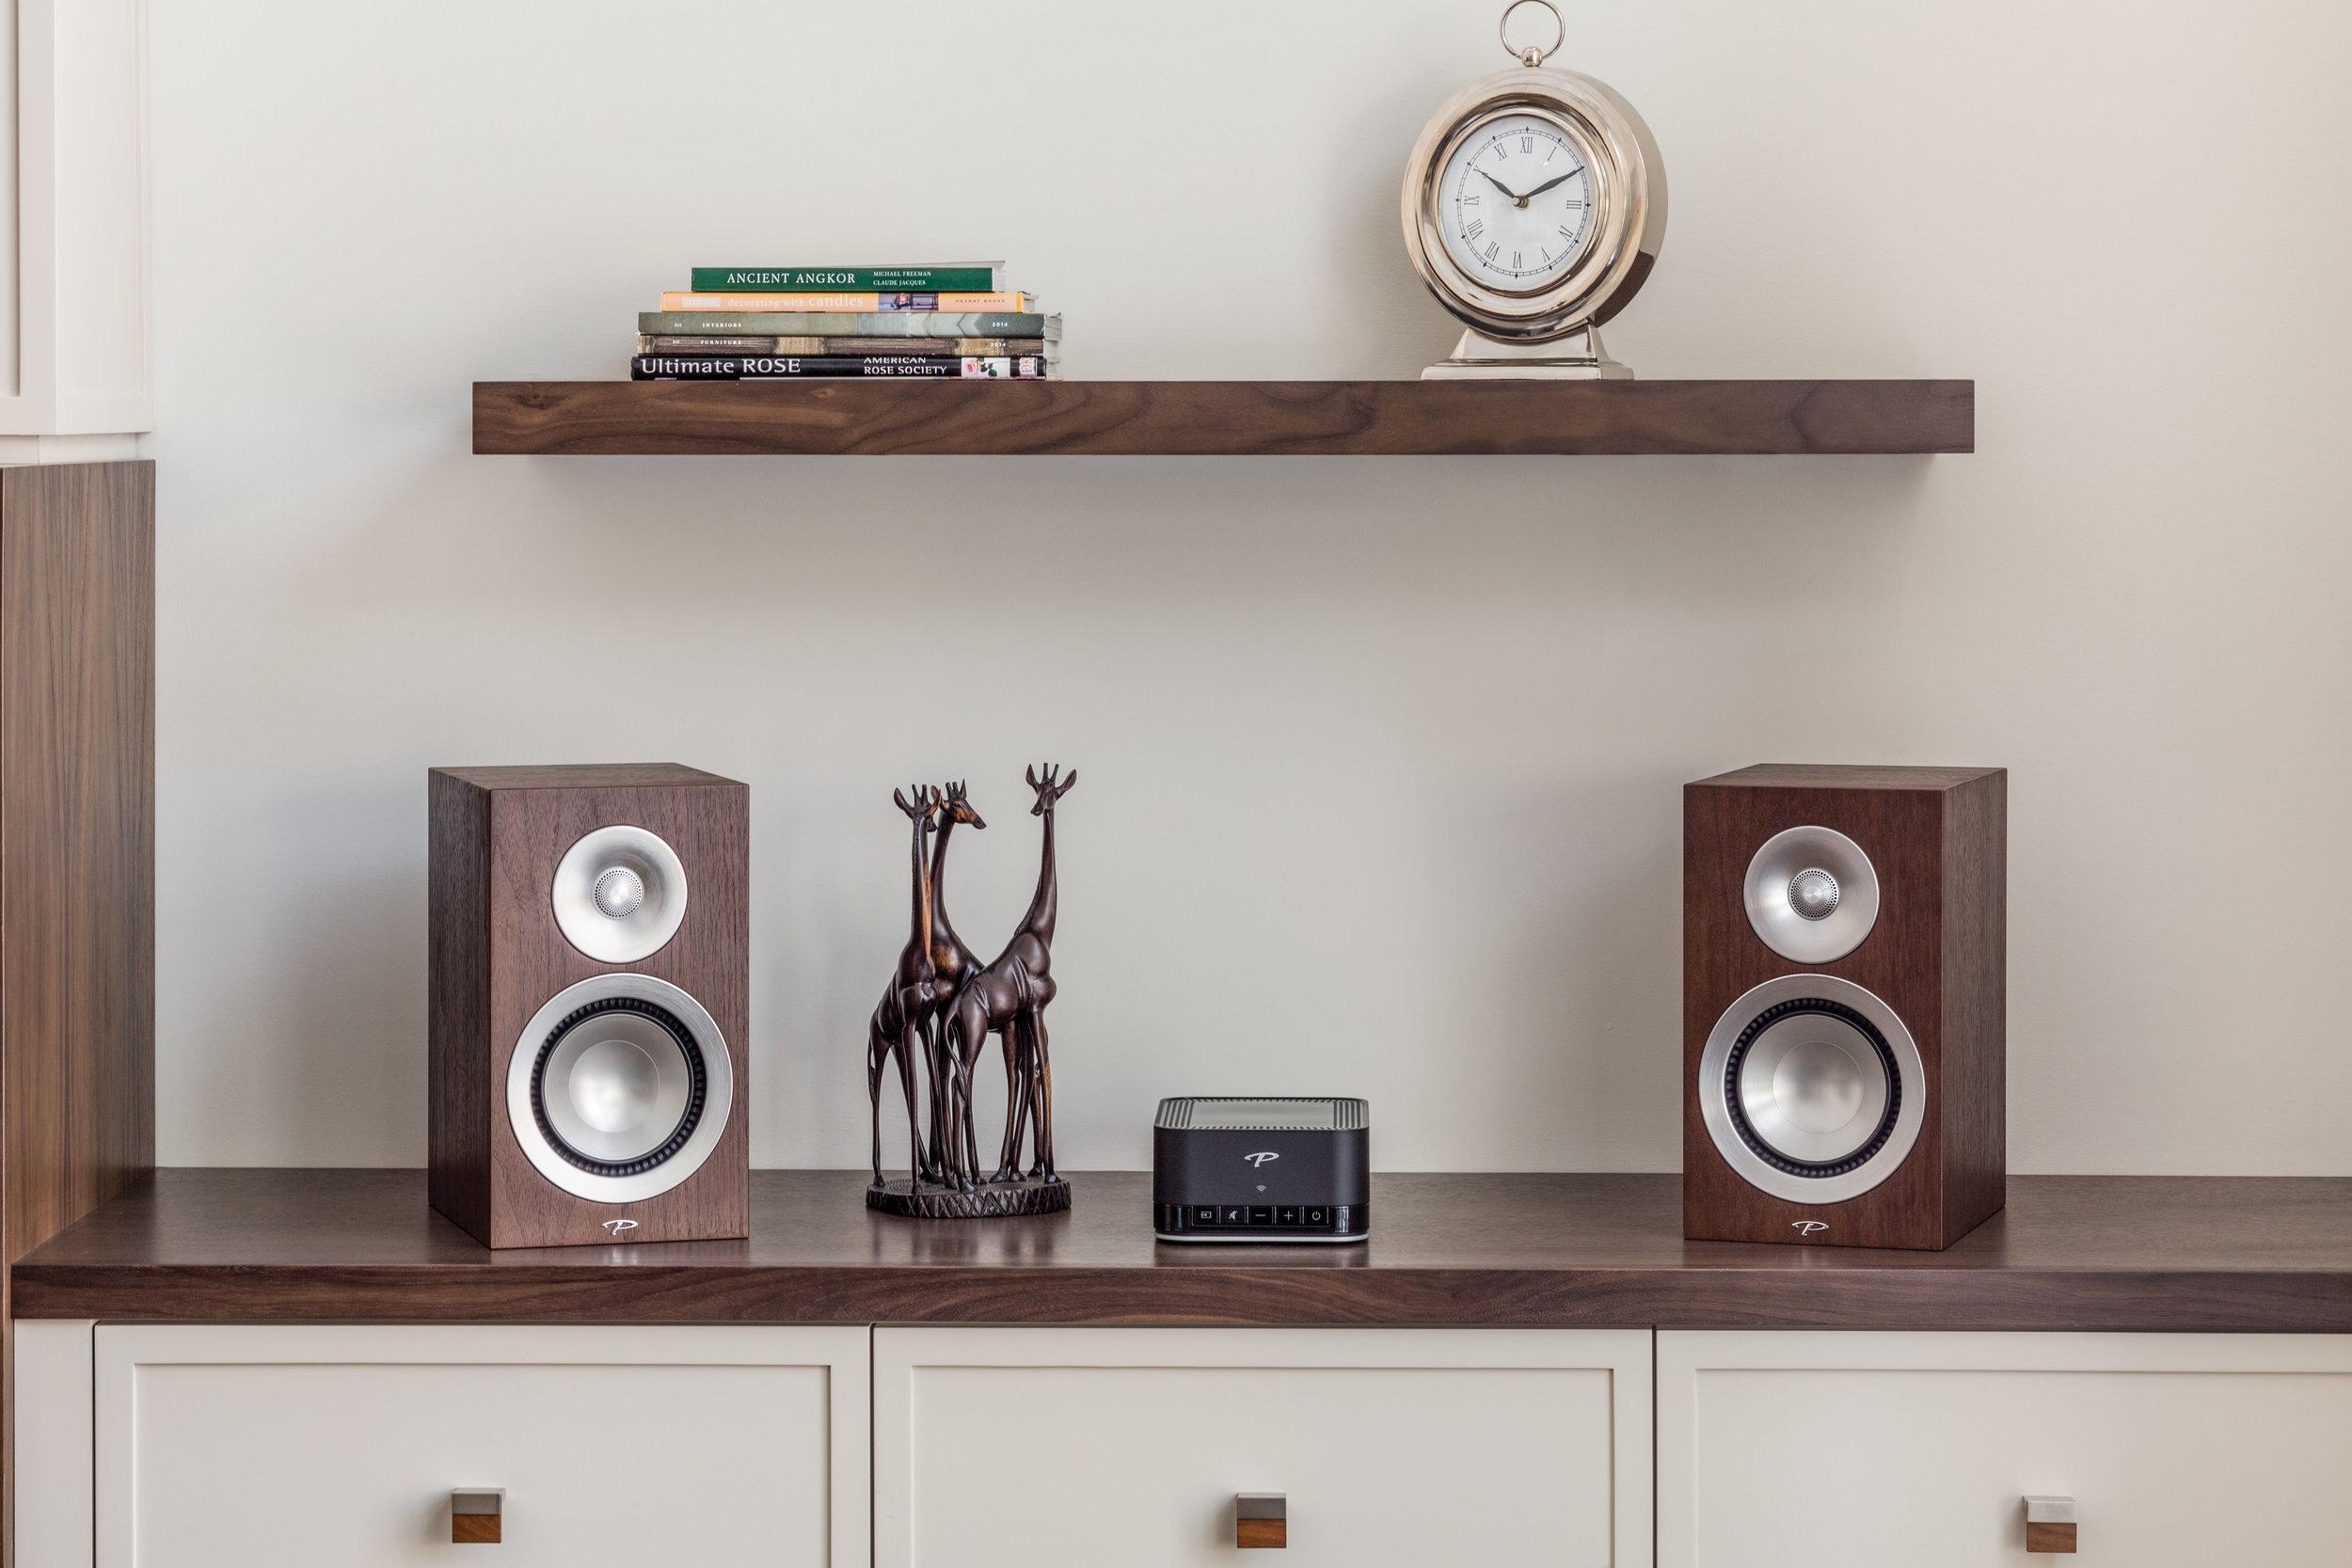 PARADIGM PW AMP - Sieťový zosilňovač, ktorý prekvapí malými rozmermi a veľkým dospelým zvukom za neuveriteľnú cenu. Silou tohto zosilňovača je Anthem Room Correction (ARC™). Ide o technológiu, ktorá optimálne vyladí a prispôsobí zvuk pre akýkoľvek priestor.